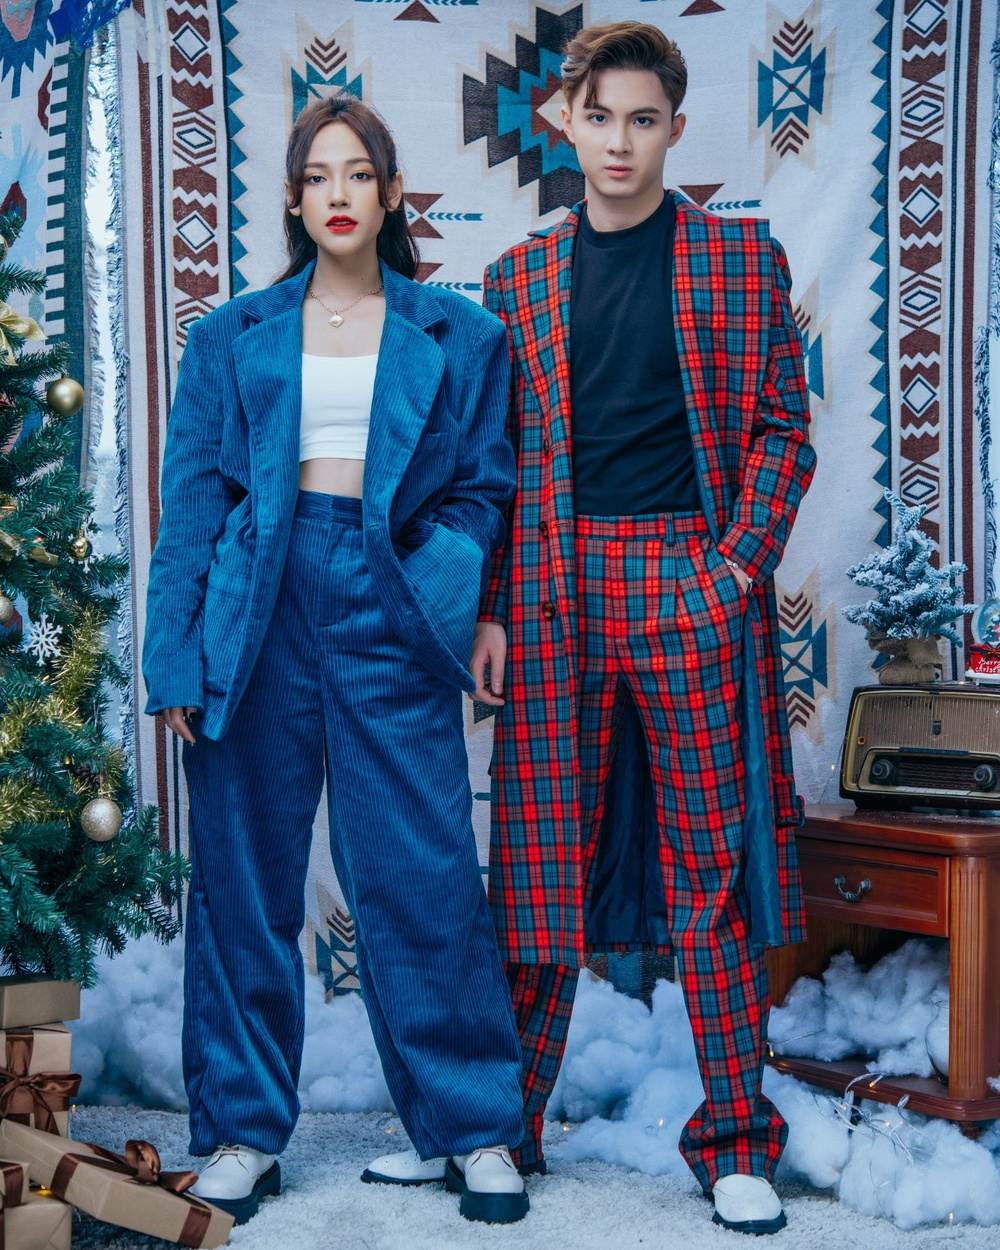 Cara - Noway tung bộ ảnh Giáng Sinh ấm áp, phát 'cẩu lương' miễn phí khiến fan ghen tị Ảnh 5